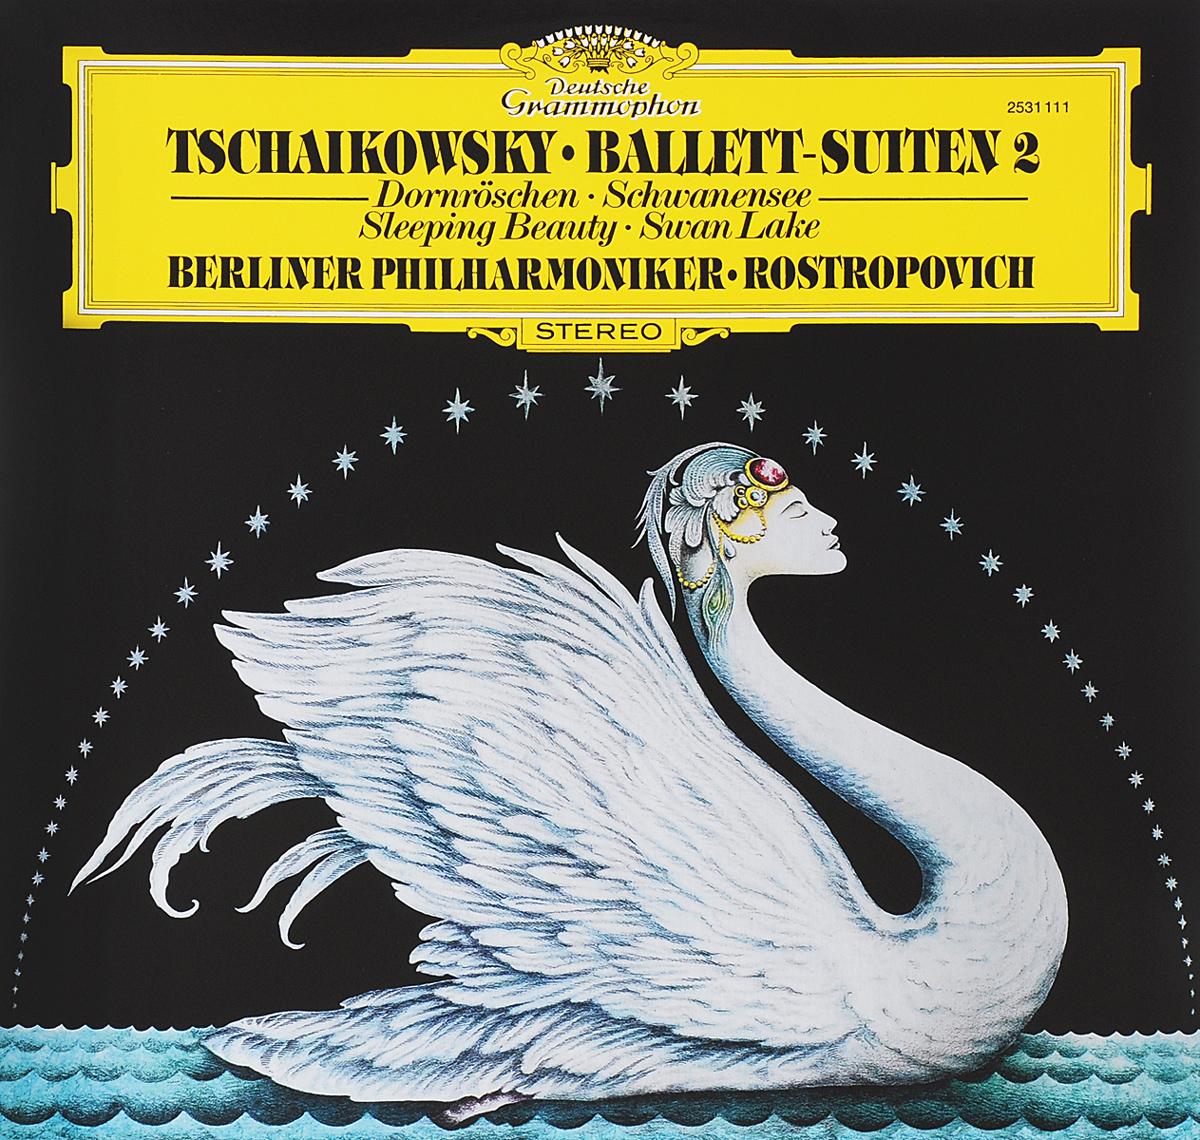 Rostropovich. Tchaikowsky. Ballet-Suiten II (LP)